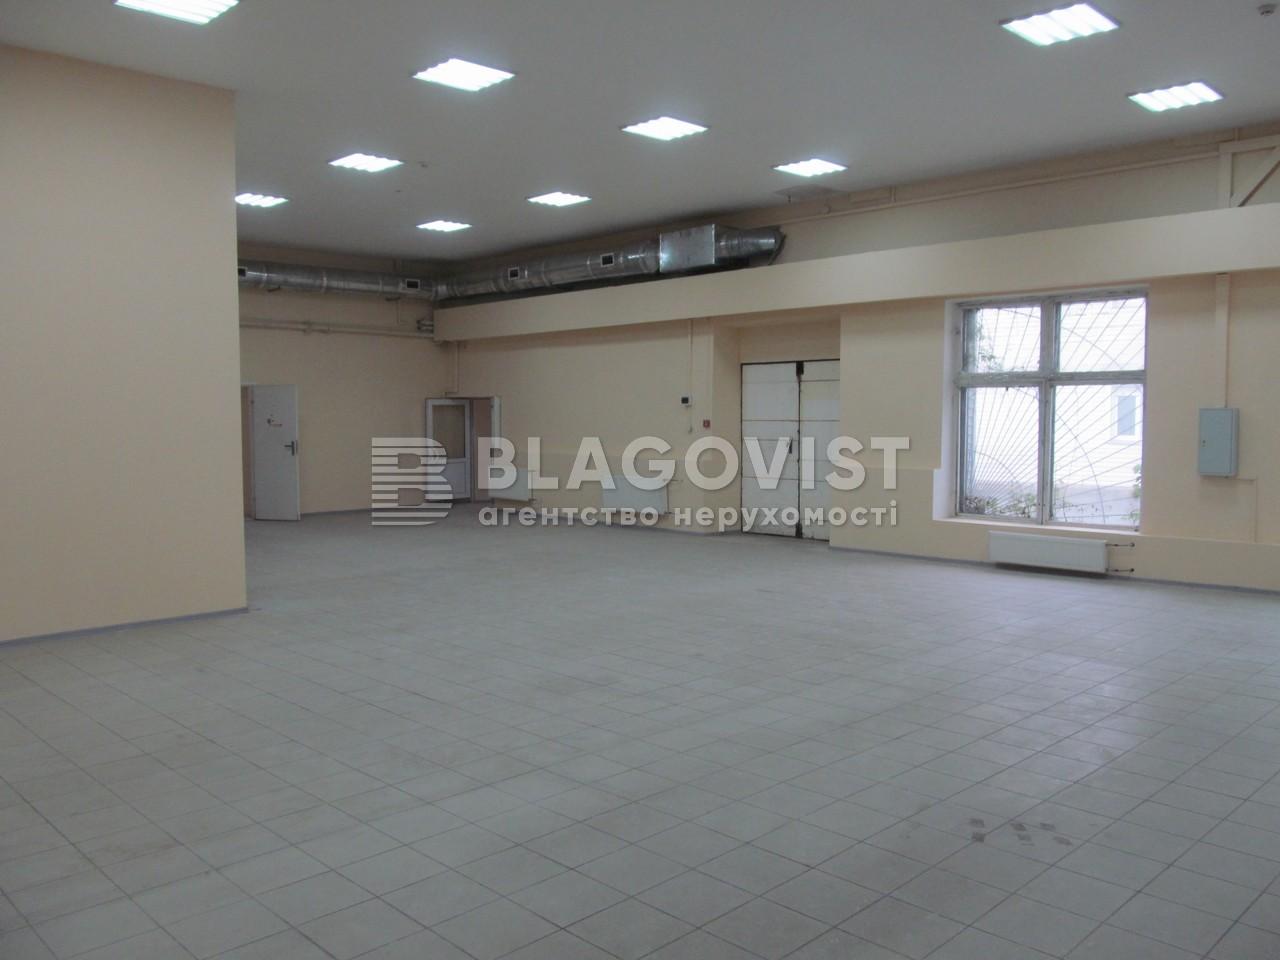 Нежилое помещение, F-41597, Малевича Казимира (Боженко), Киев - Фото 5